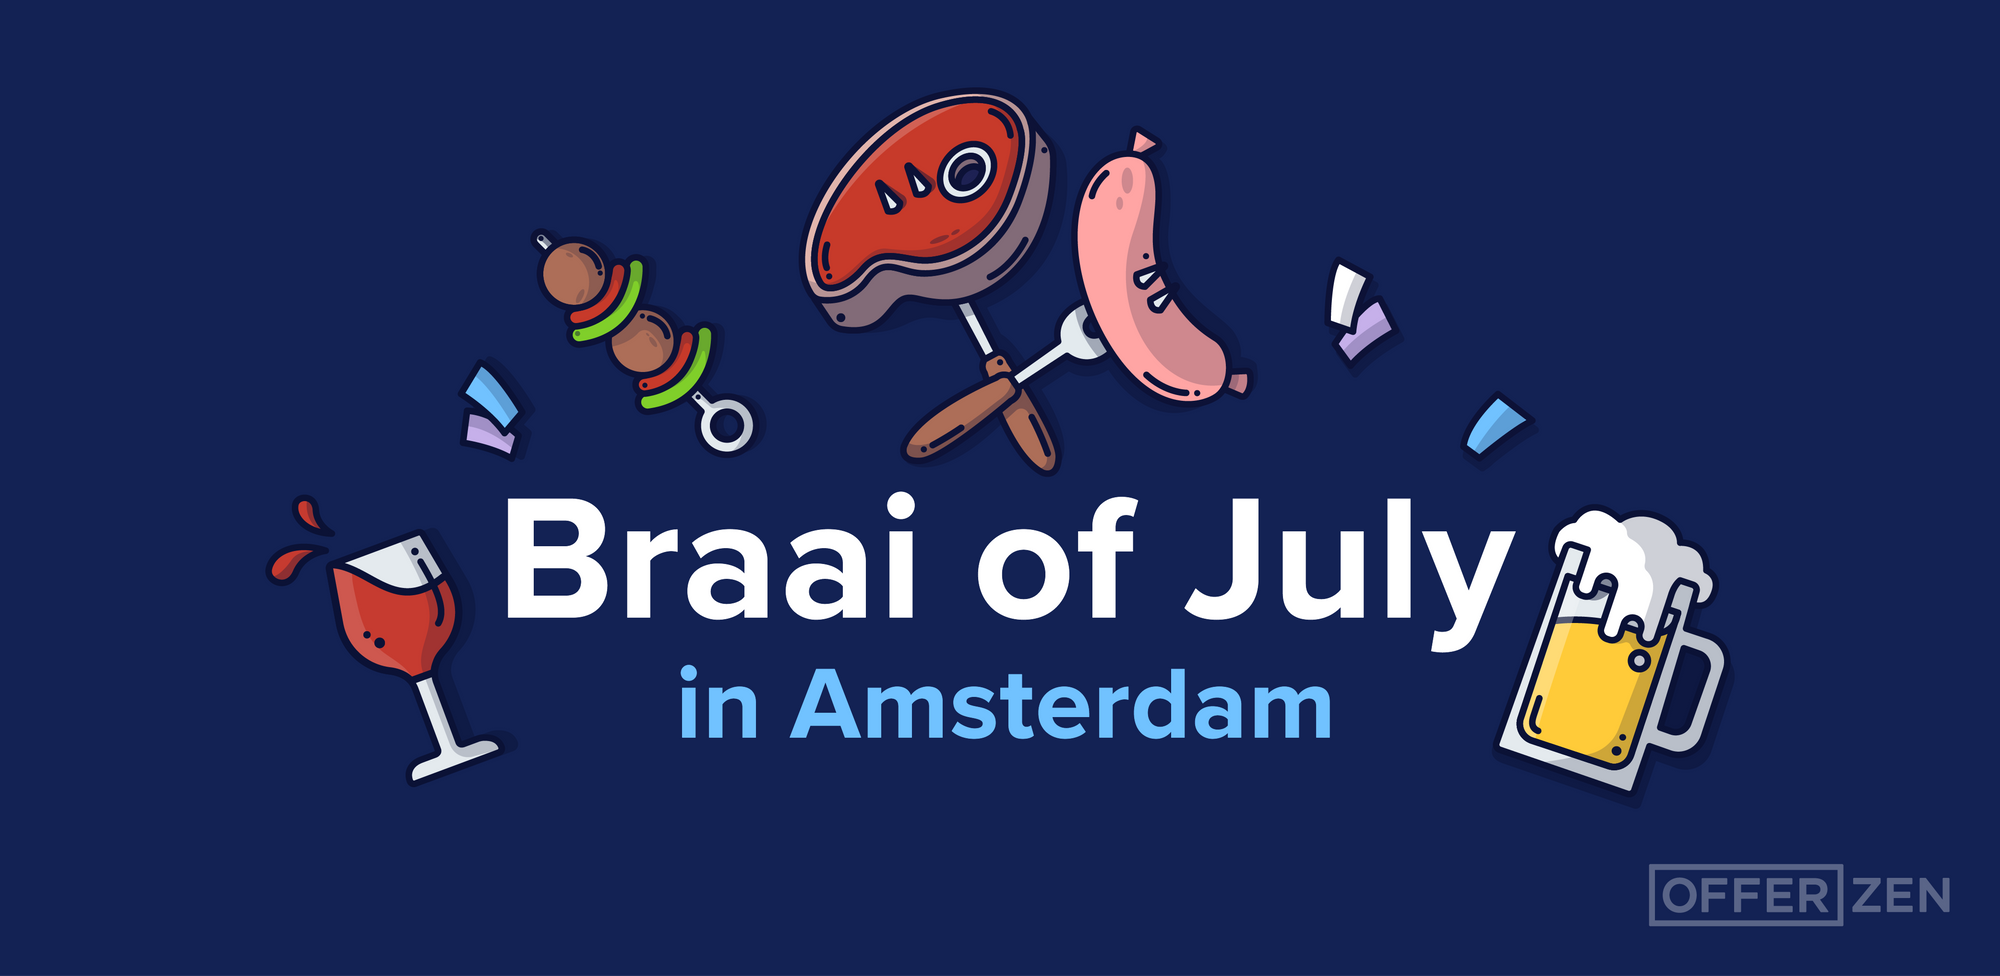 OfferZen_Braai-of-July_Inner-Article-Image